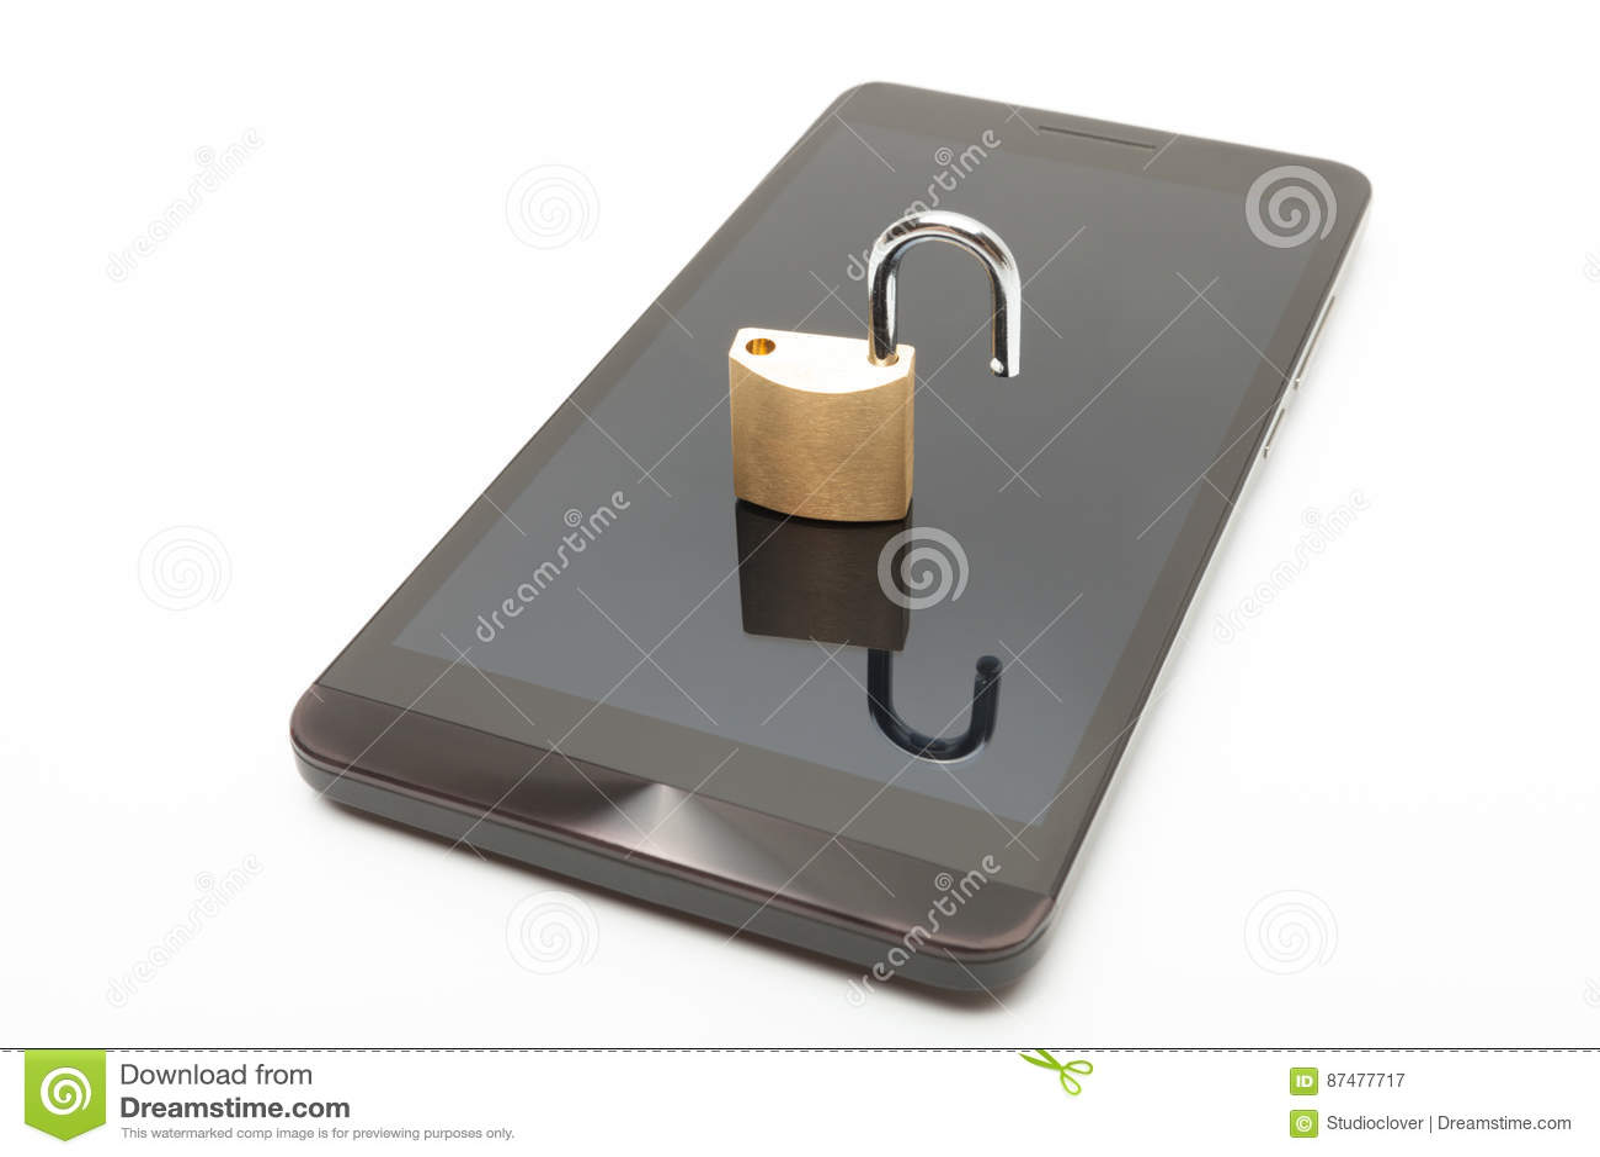 Малый замок в открытом положении над smartphone Безопасность мобильного телефона и концепция защиты данных